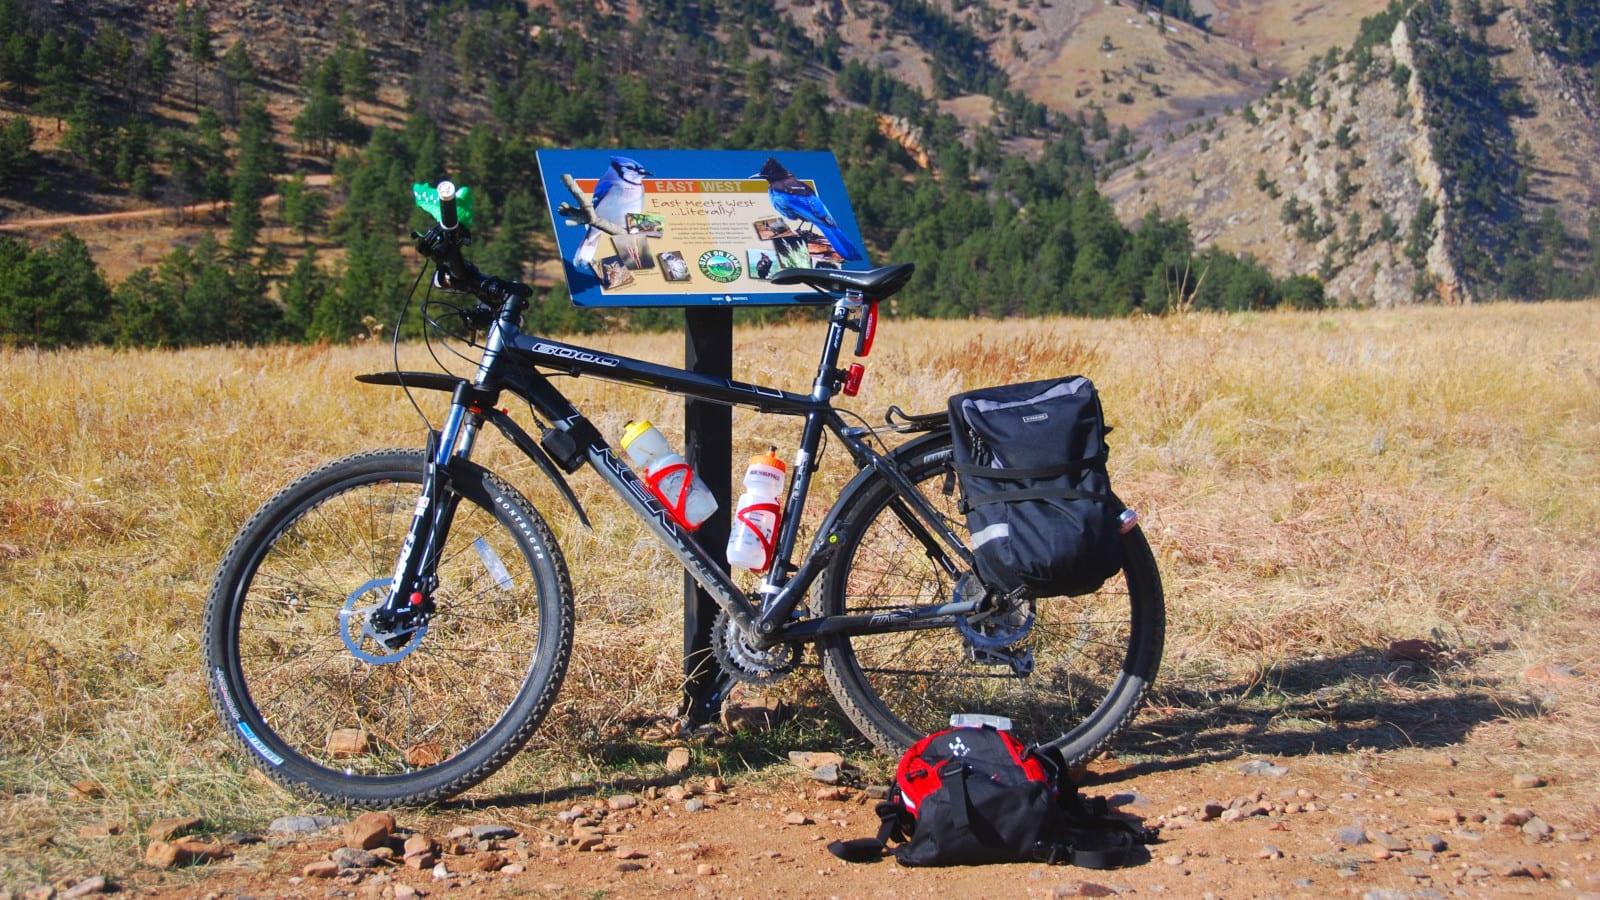 Mountain Biking Boulder Trail Colorado Bike Gear